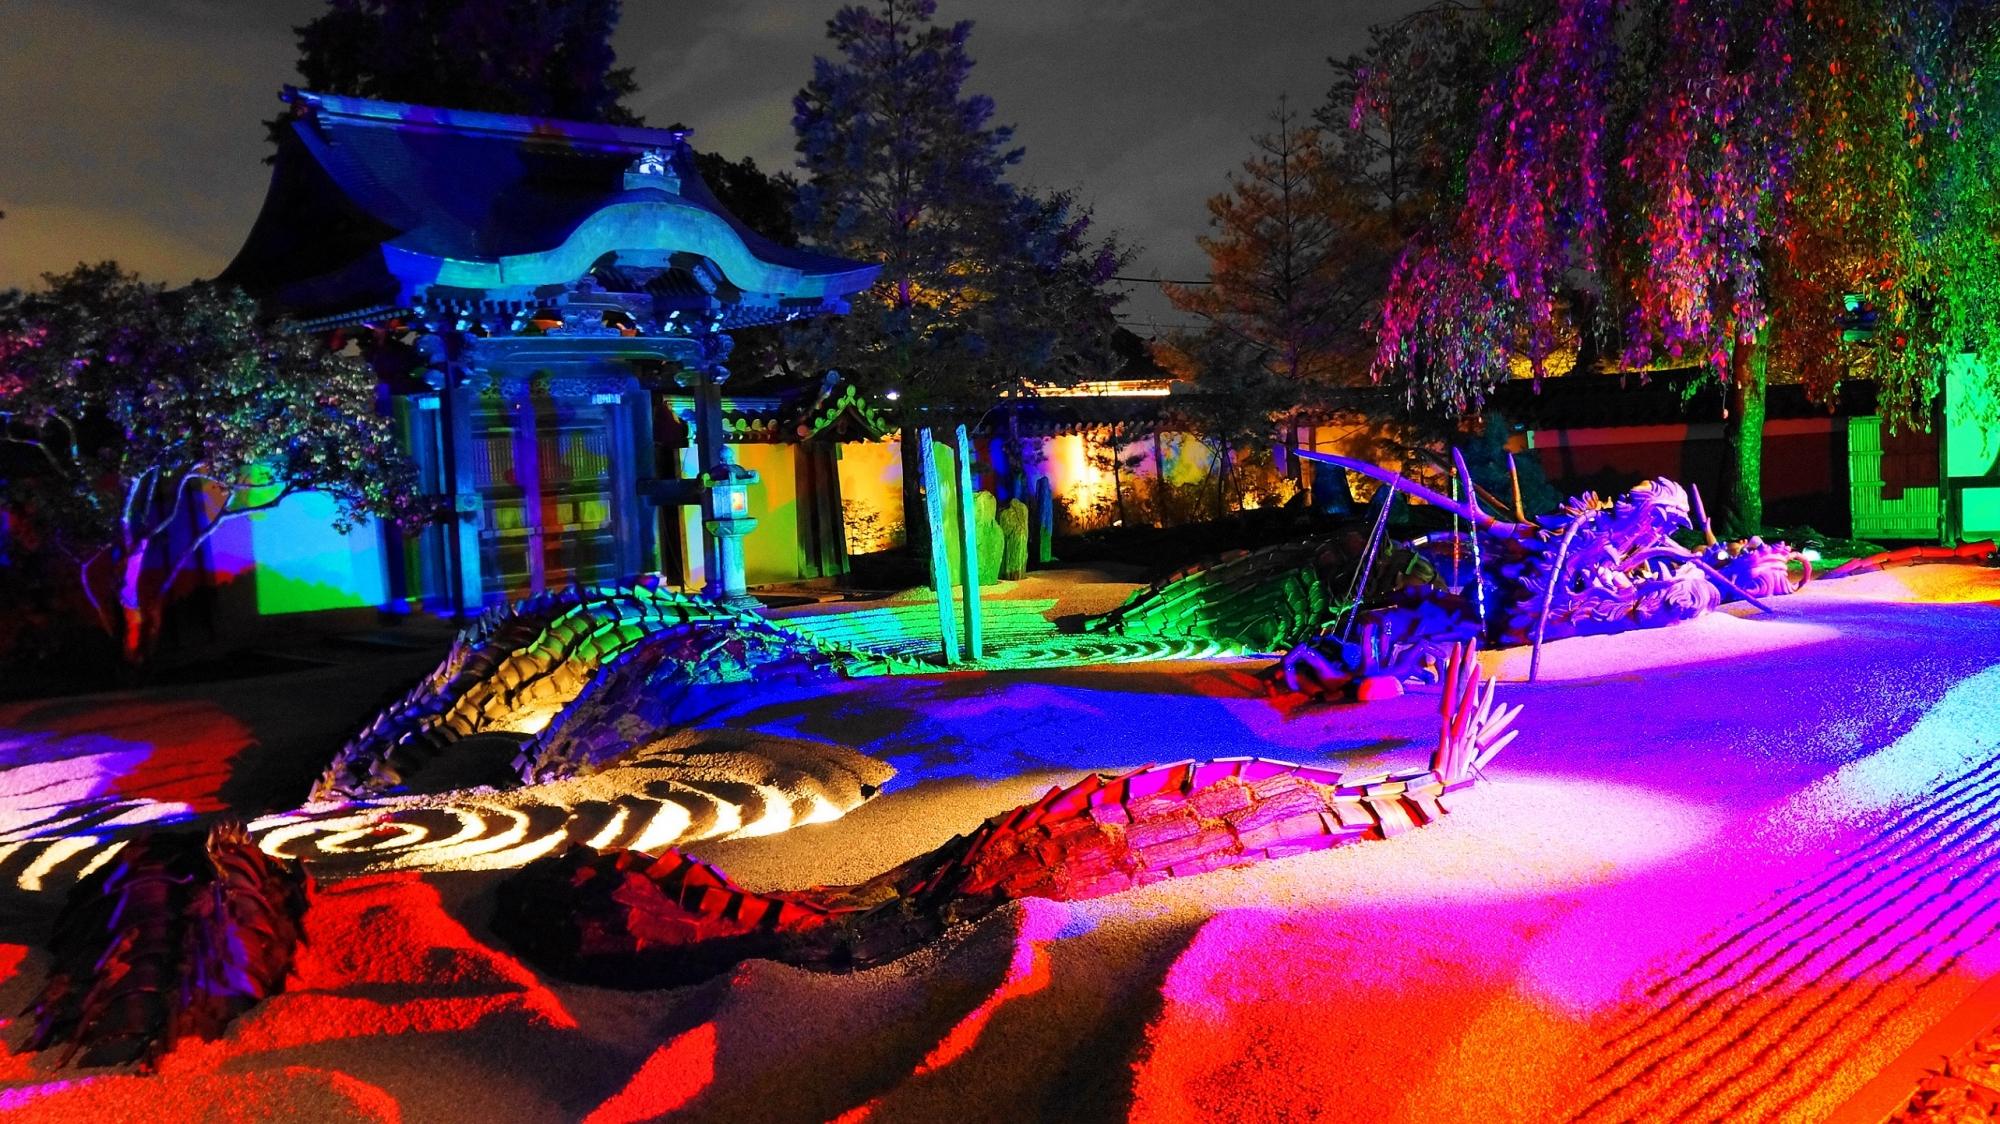 高台寺 龍 方丈庭園 幻想的 ライトアップ